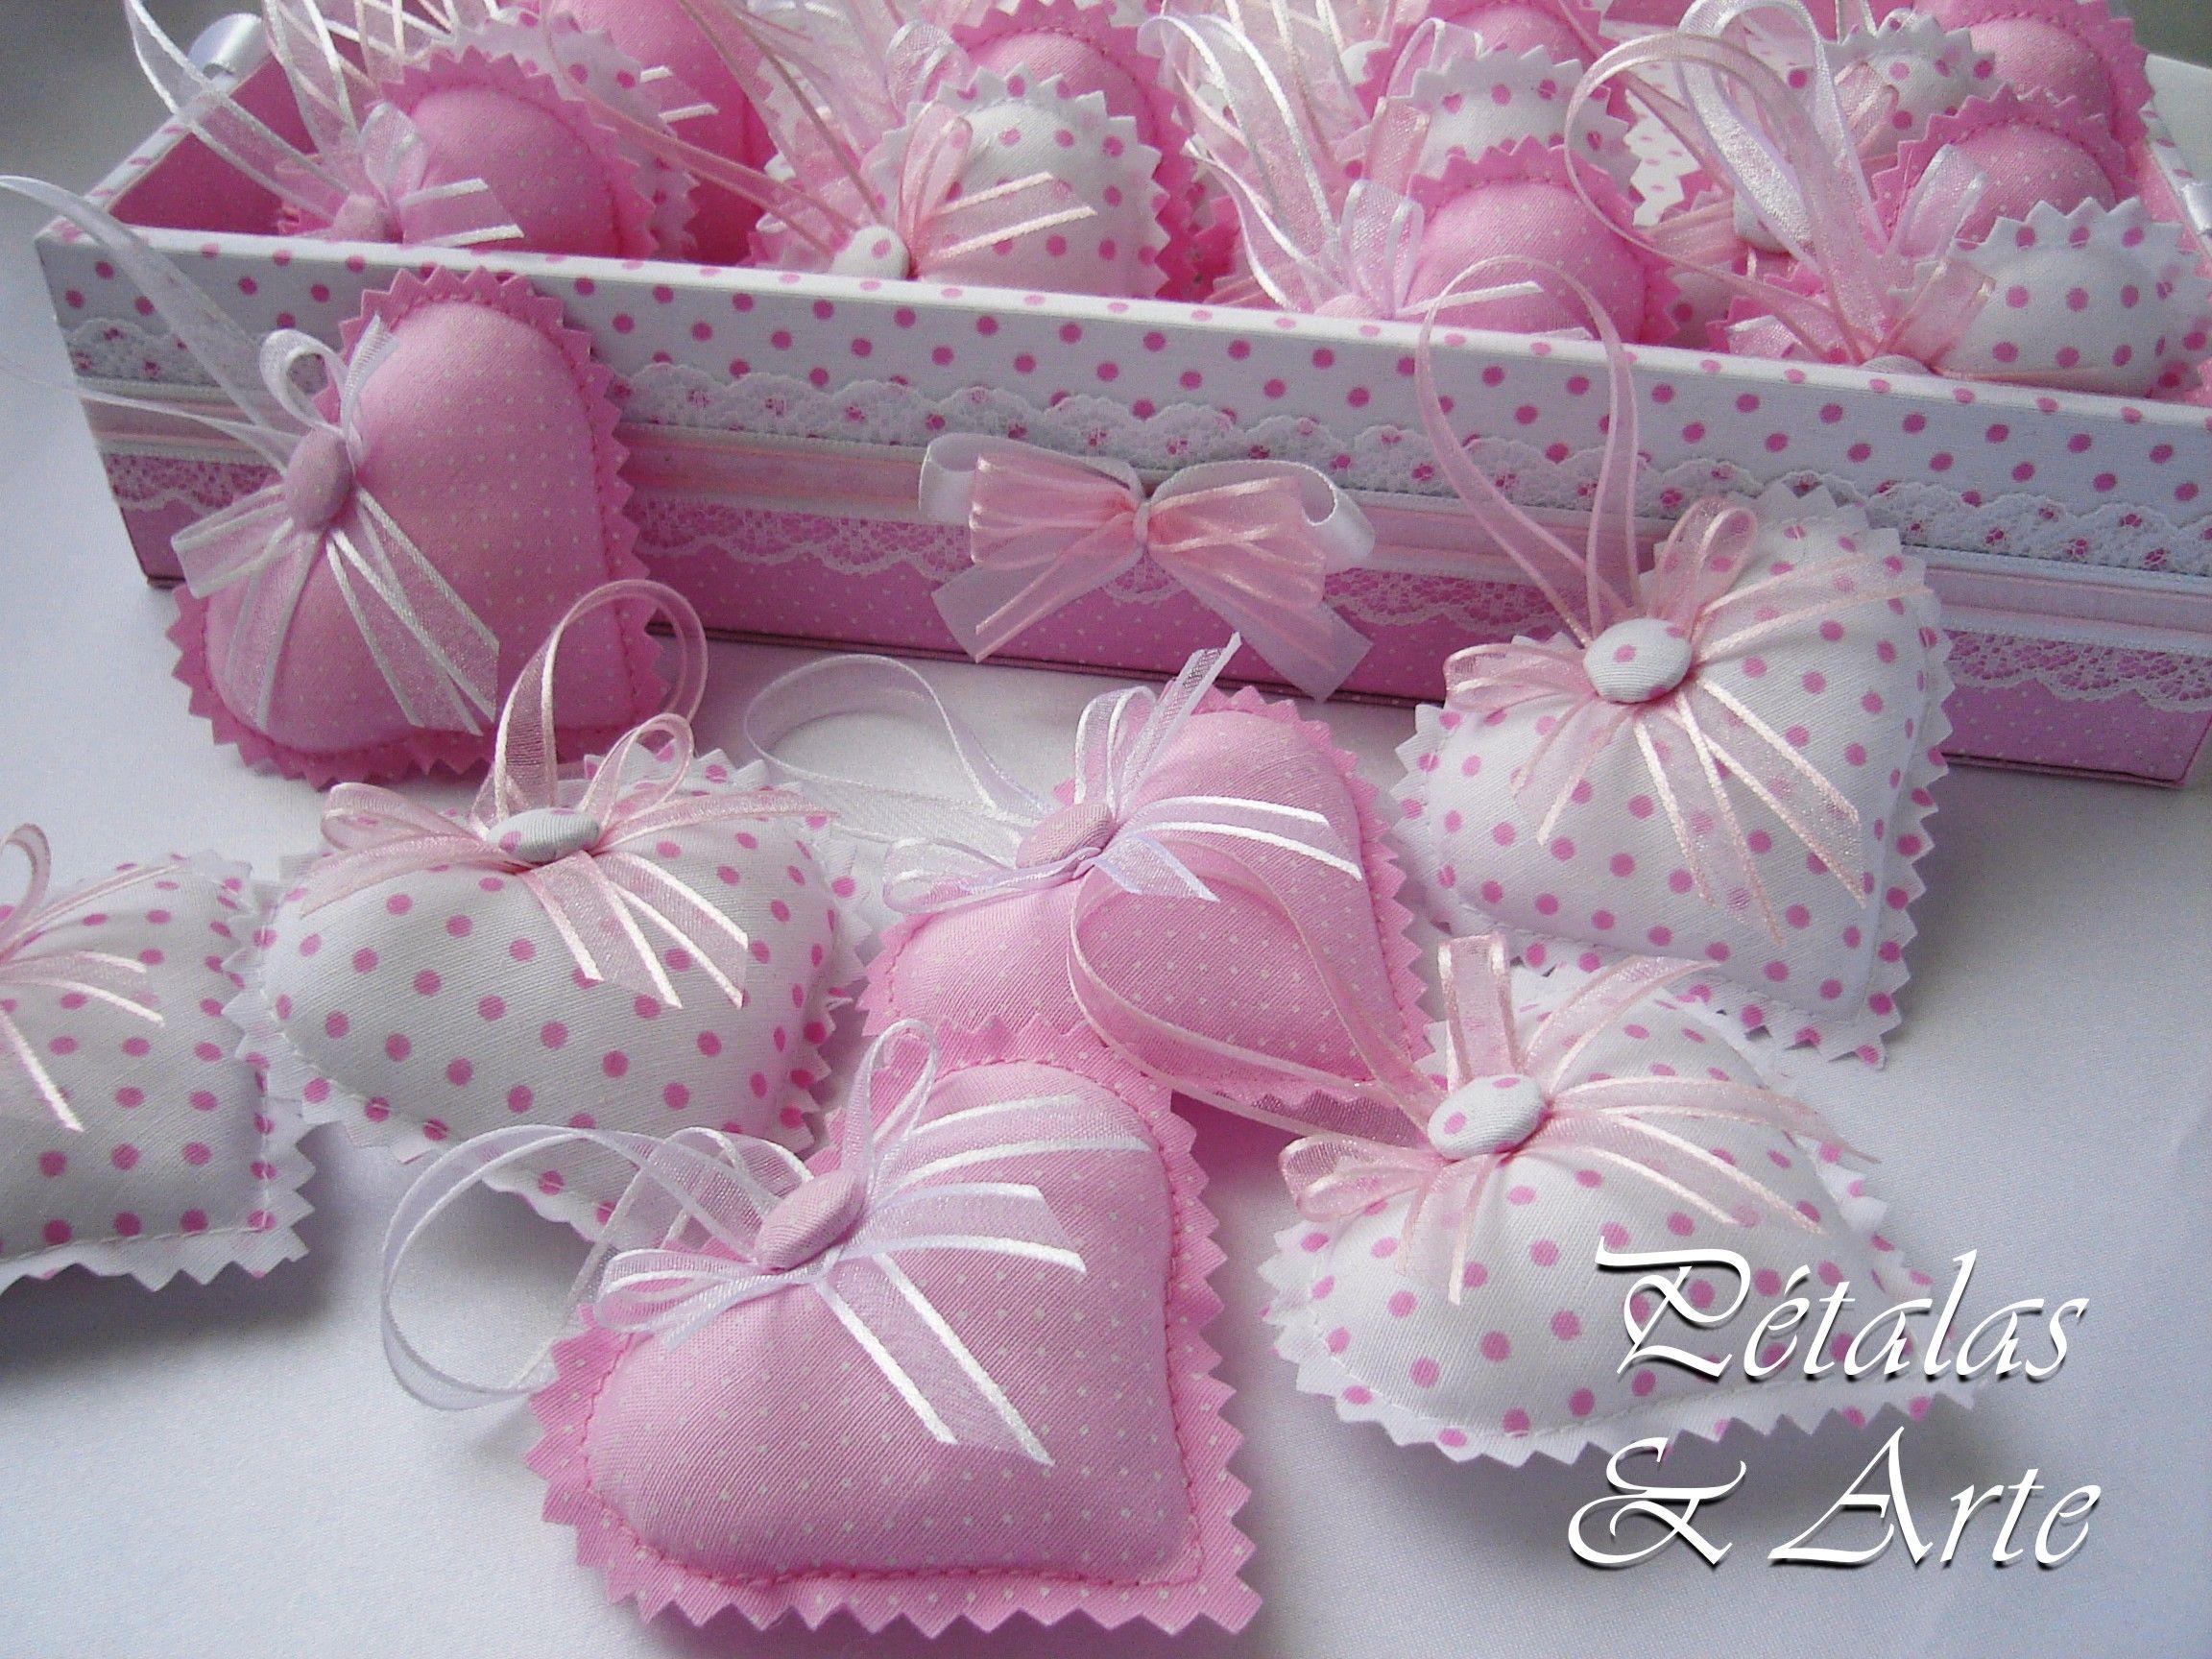 Sache coração rosa. Lembrancinha campanha Outubro Rosa.